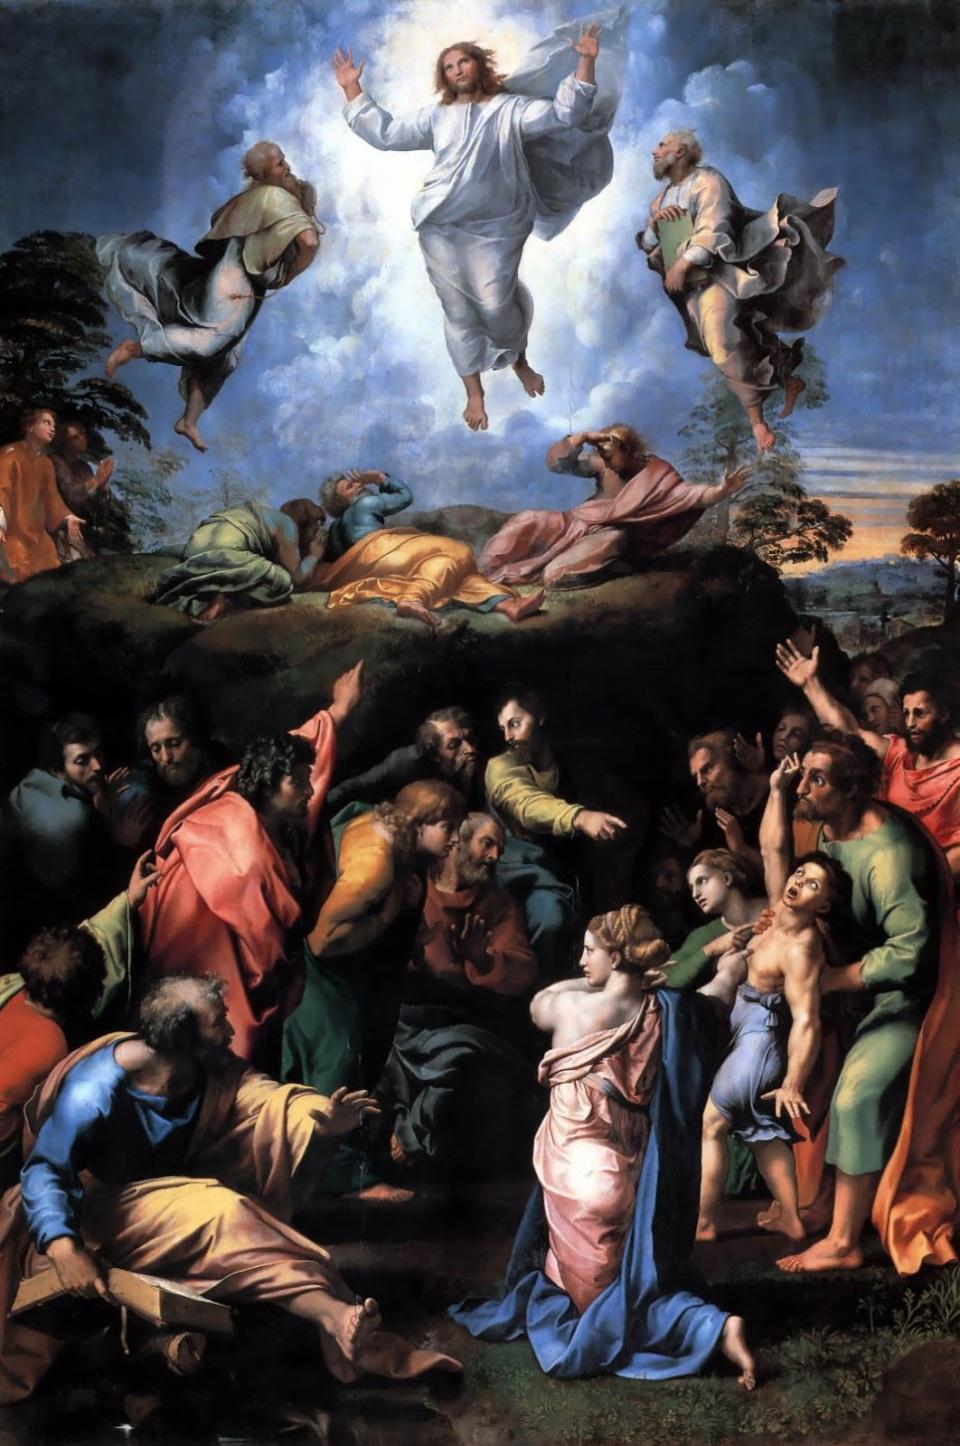 Participando de su Cuerpo, nosotros, pobres mortales caídos, participamos de esta Gloria, en lo escondido, y estamos en camino de participar de ella, a plena luz del día, del Día que es Él mismo